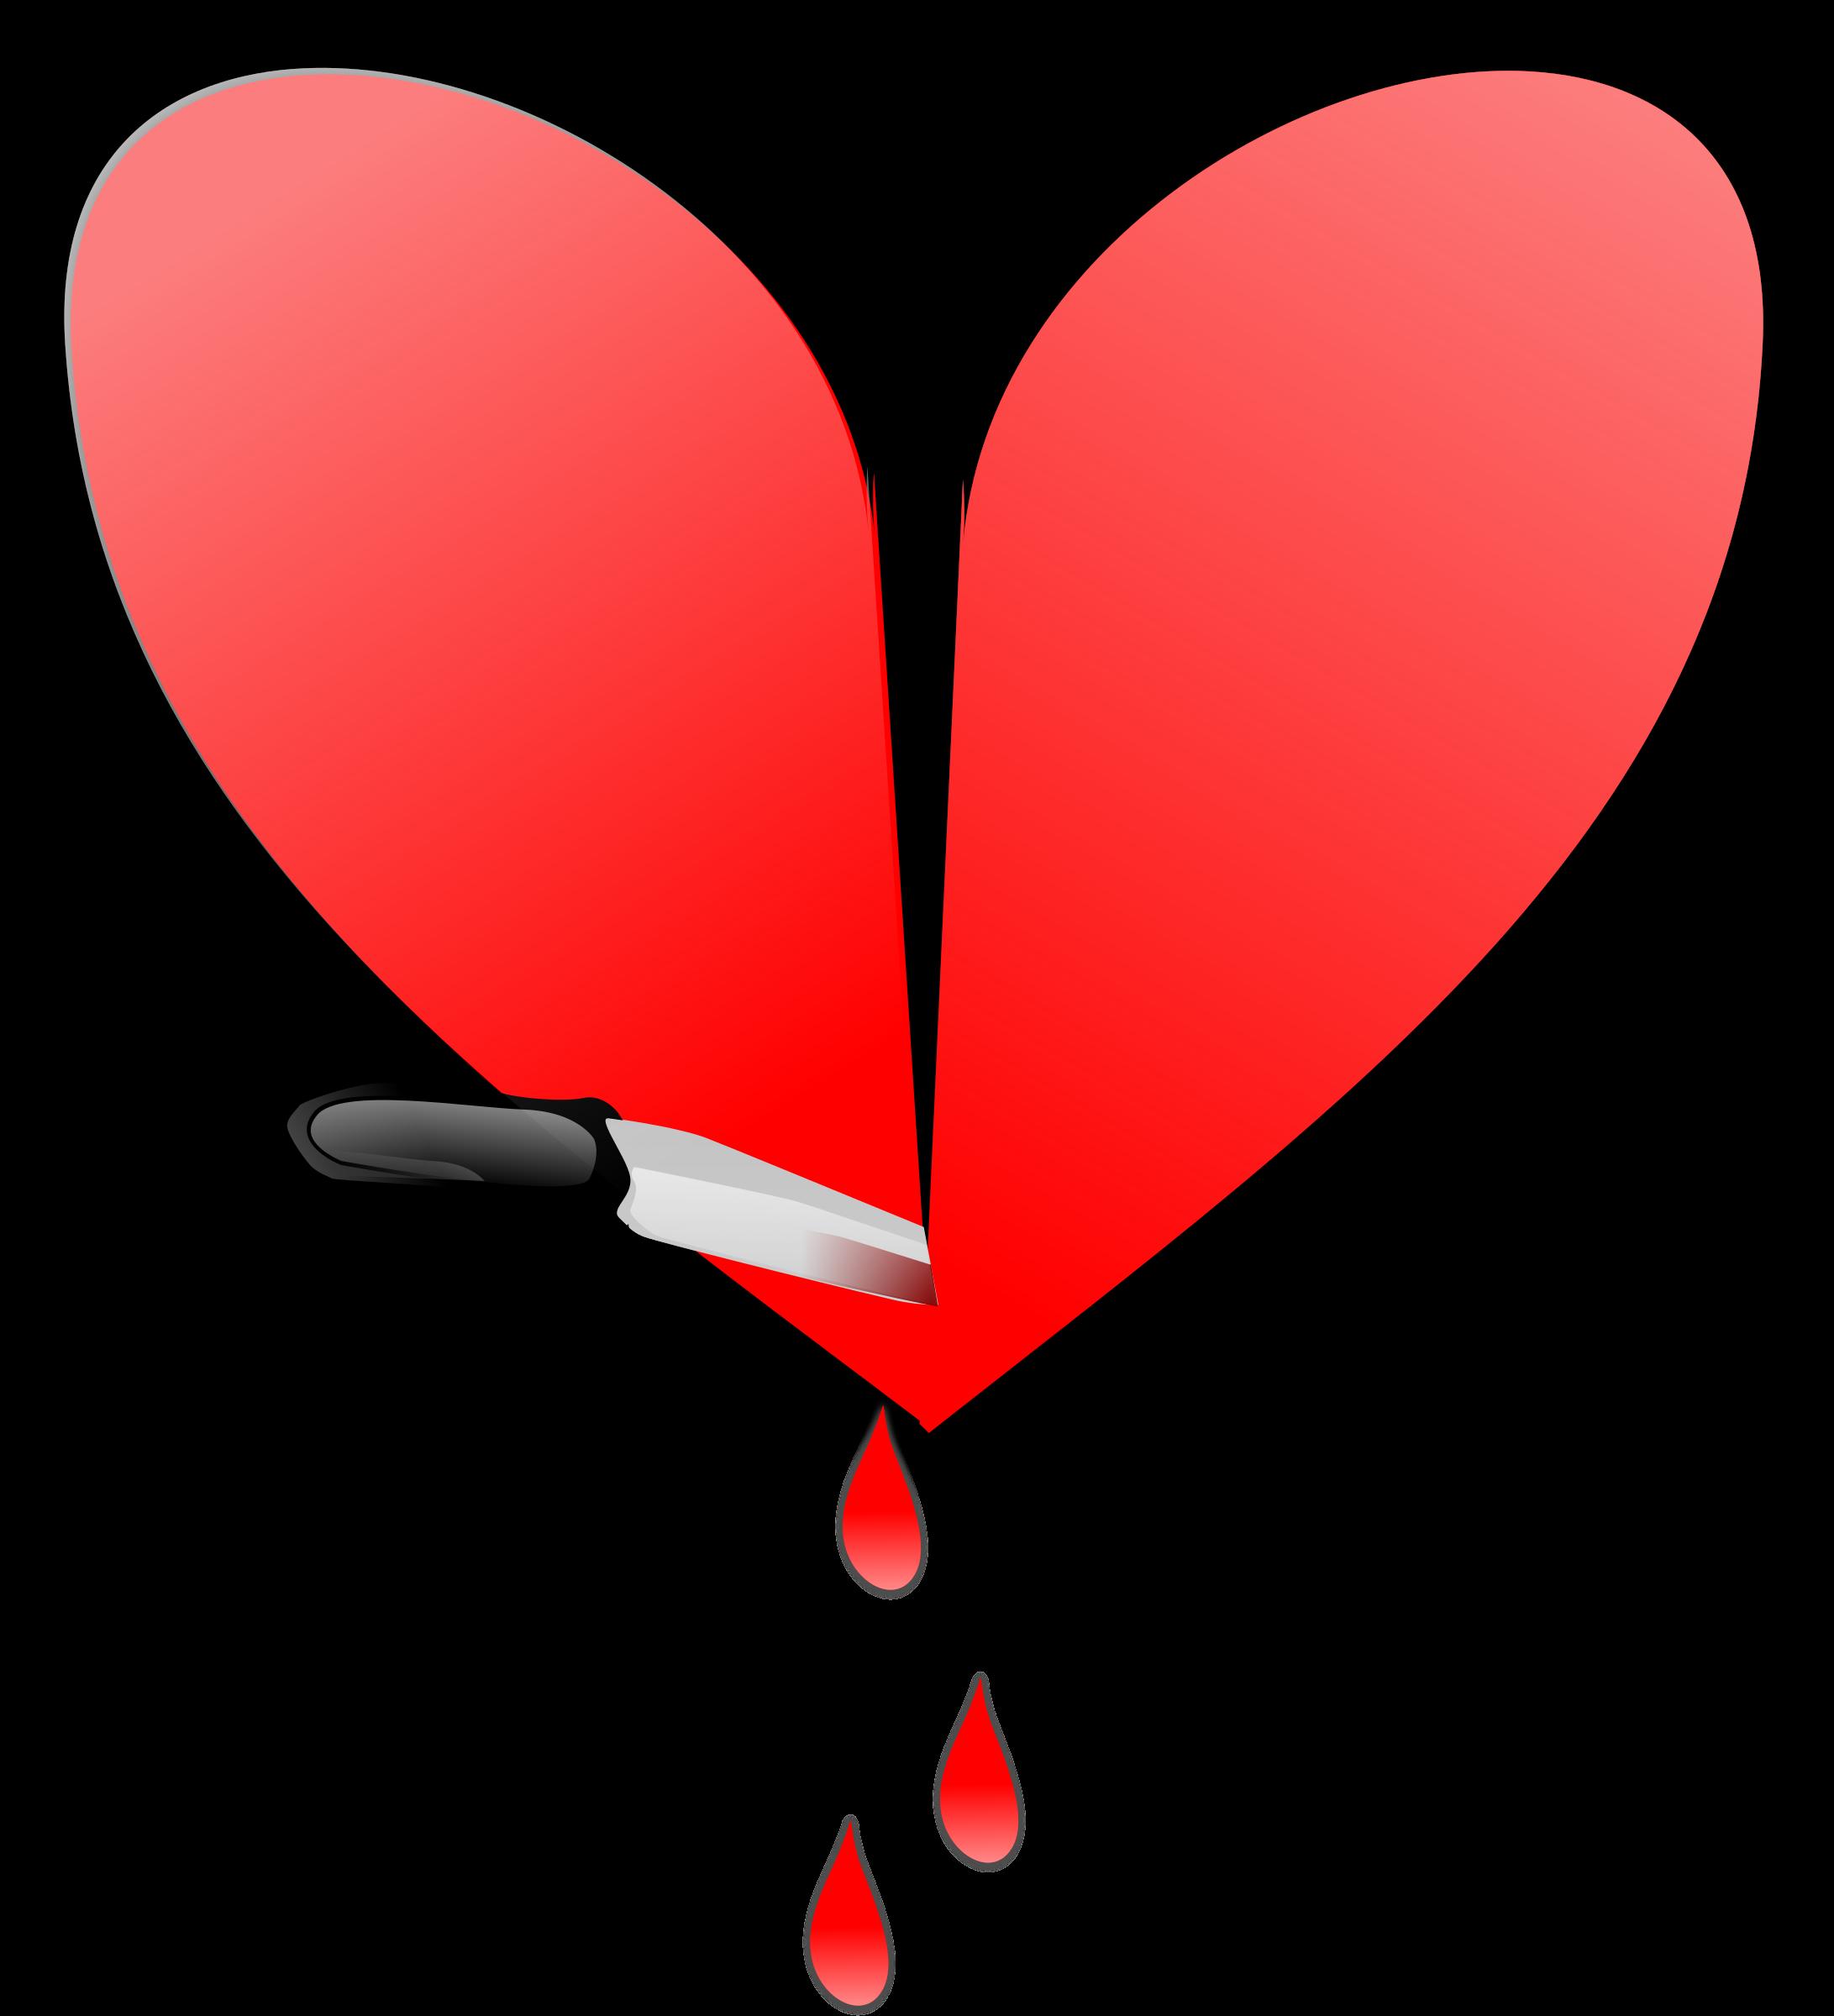 Heart broken clipart transparent Clipart - Broken heart transparent